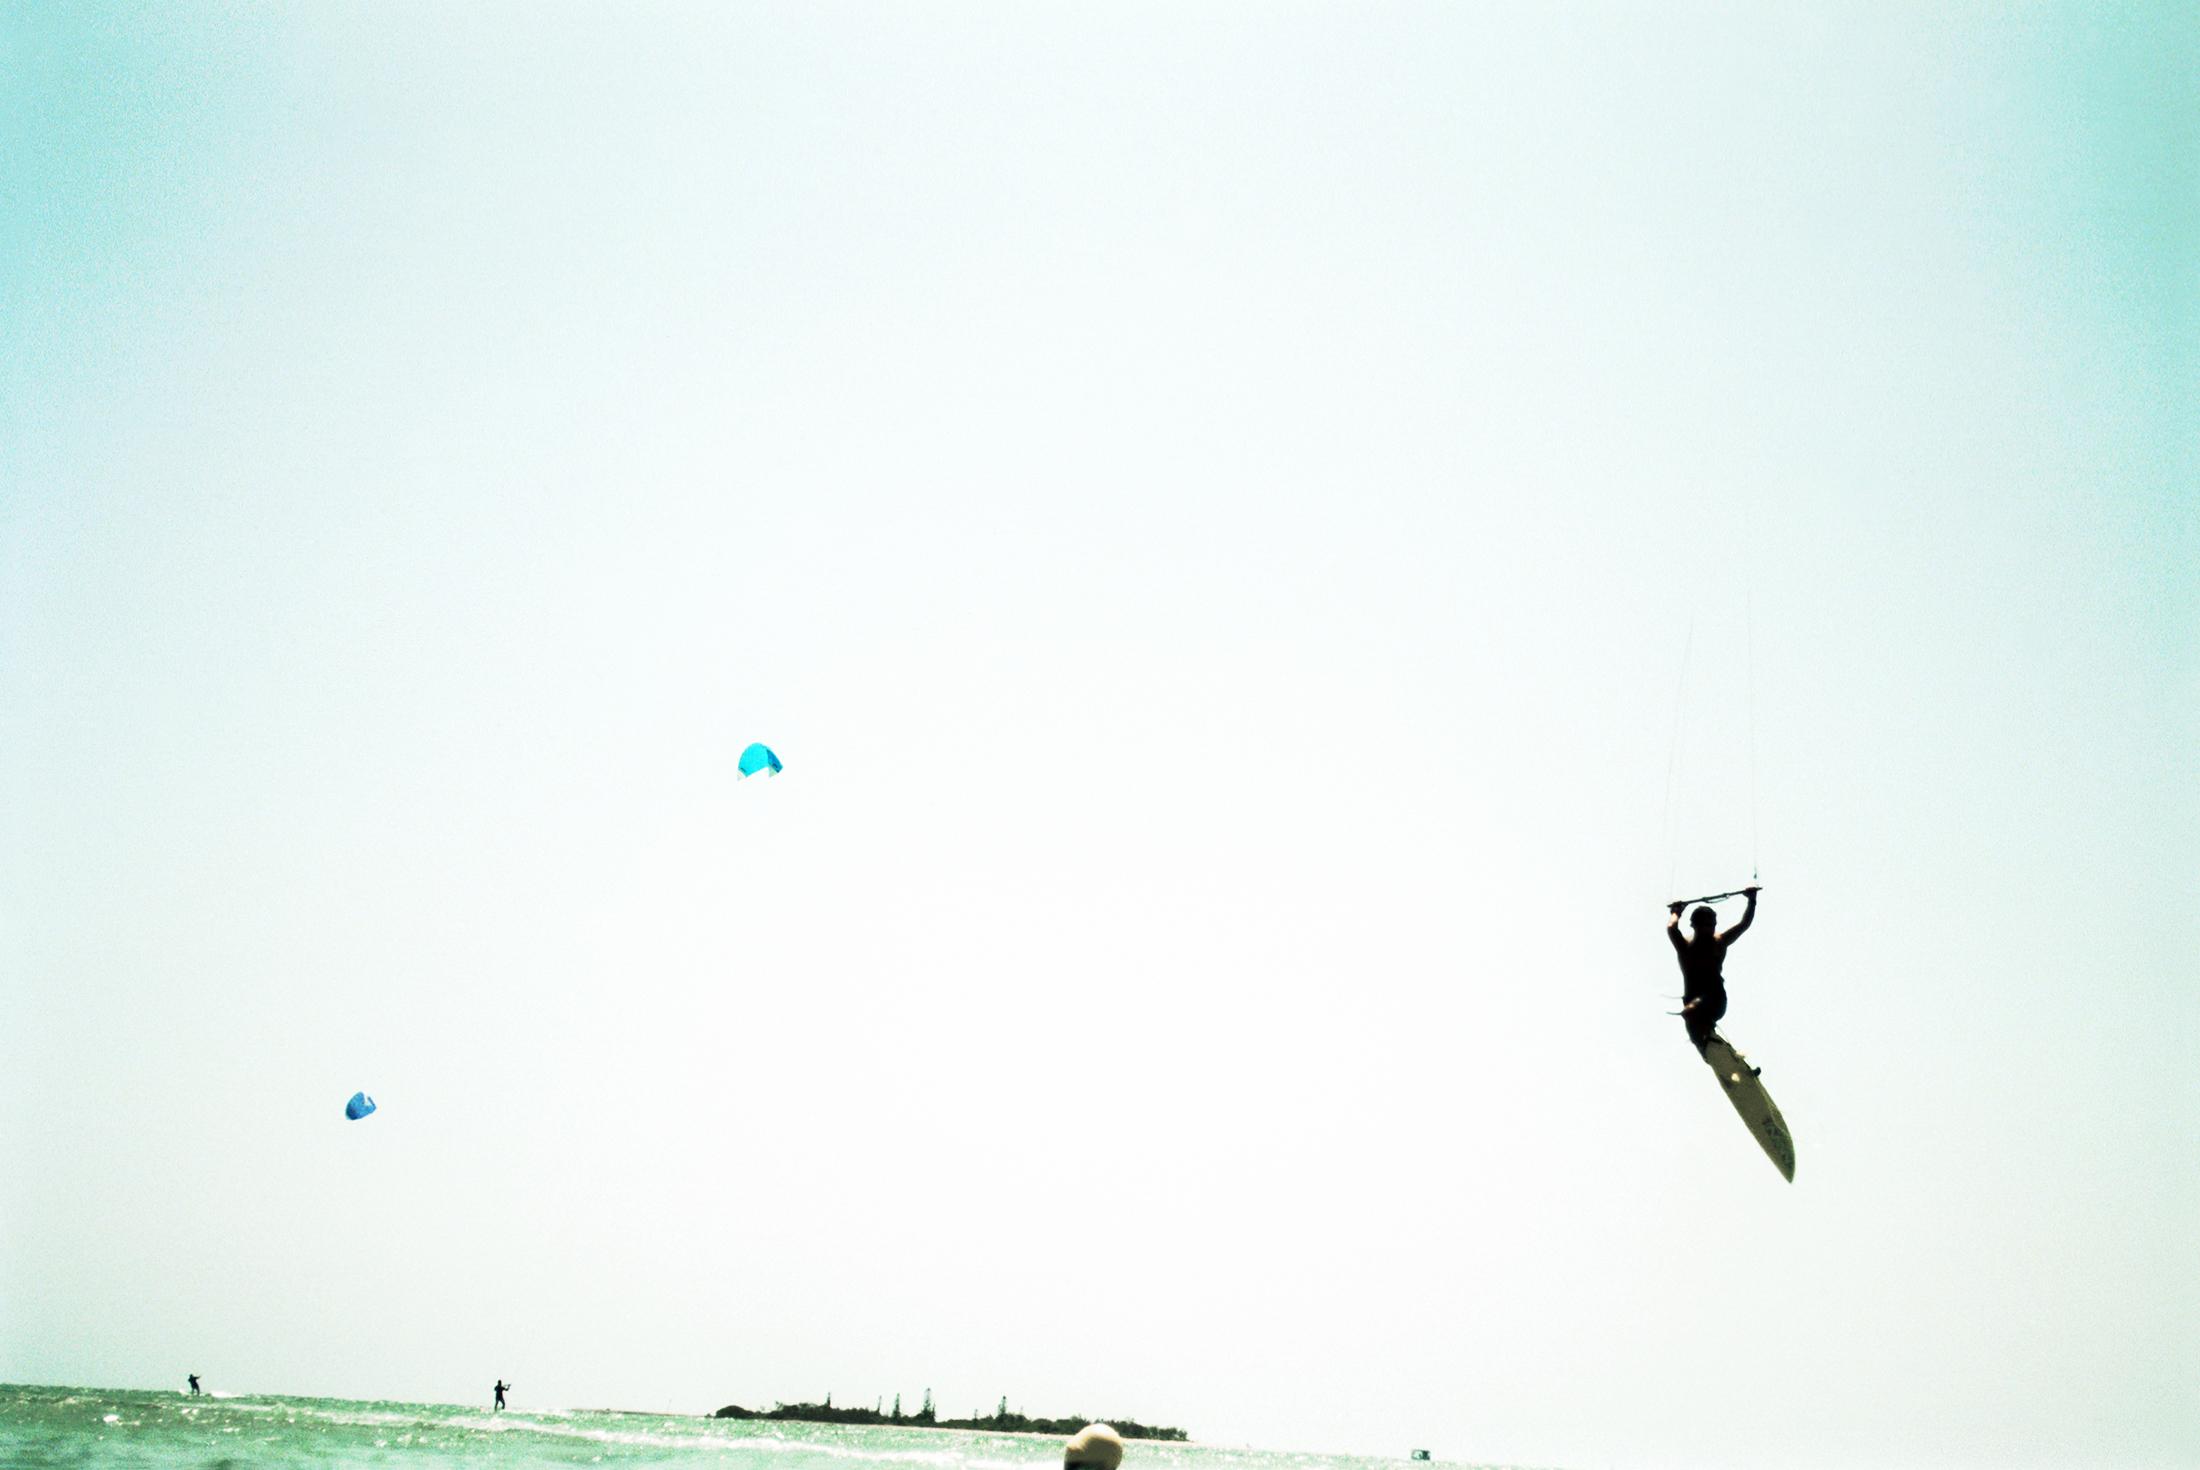 PLAGE_kitesurf2_1©AudeSIRVAIN.jpg